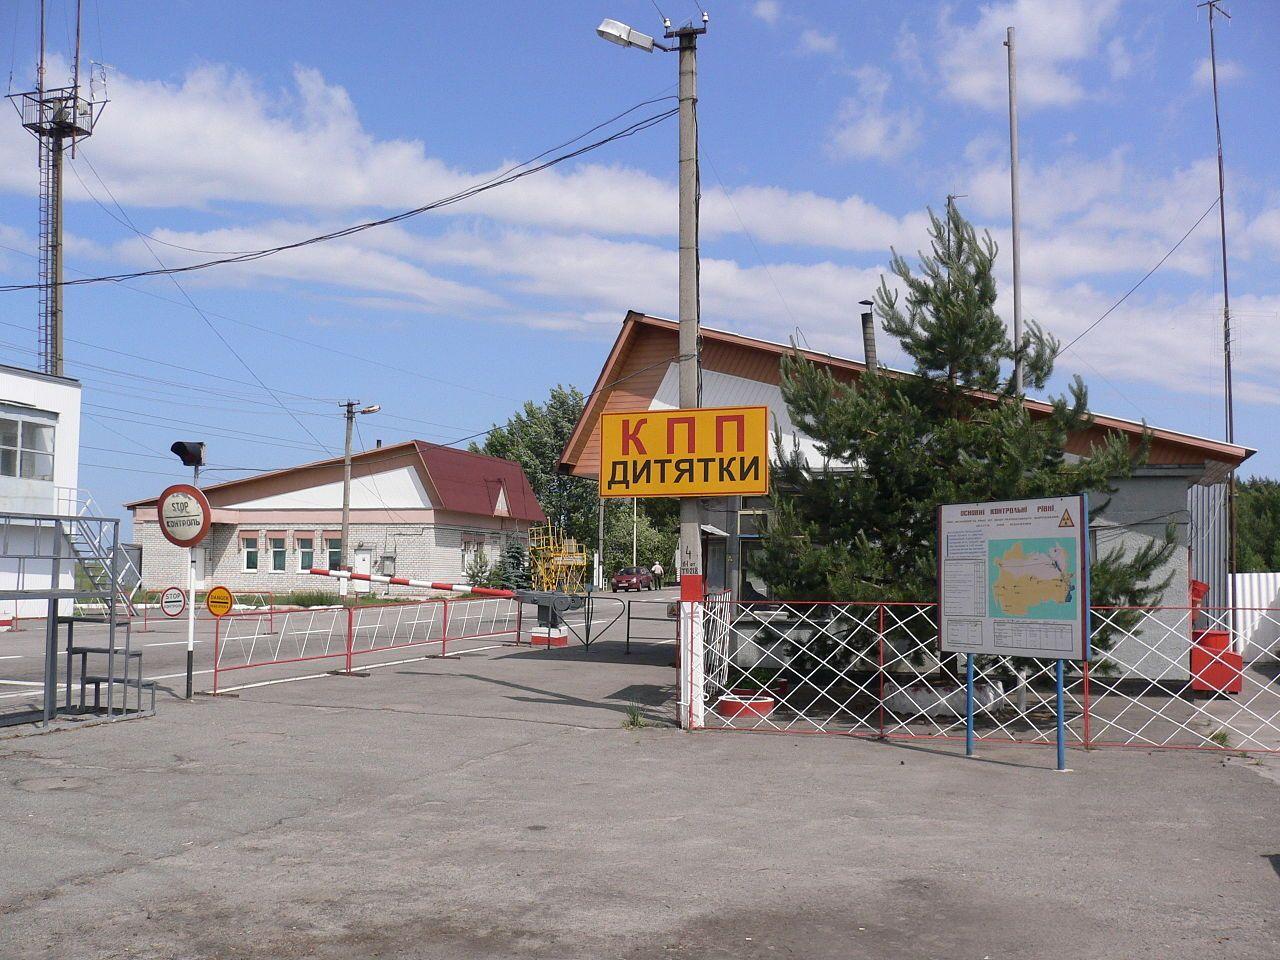 1280px-Checkpoint_ditkatky_chernobyl_zone